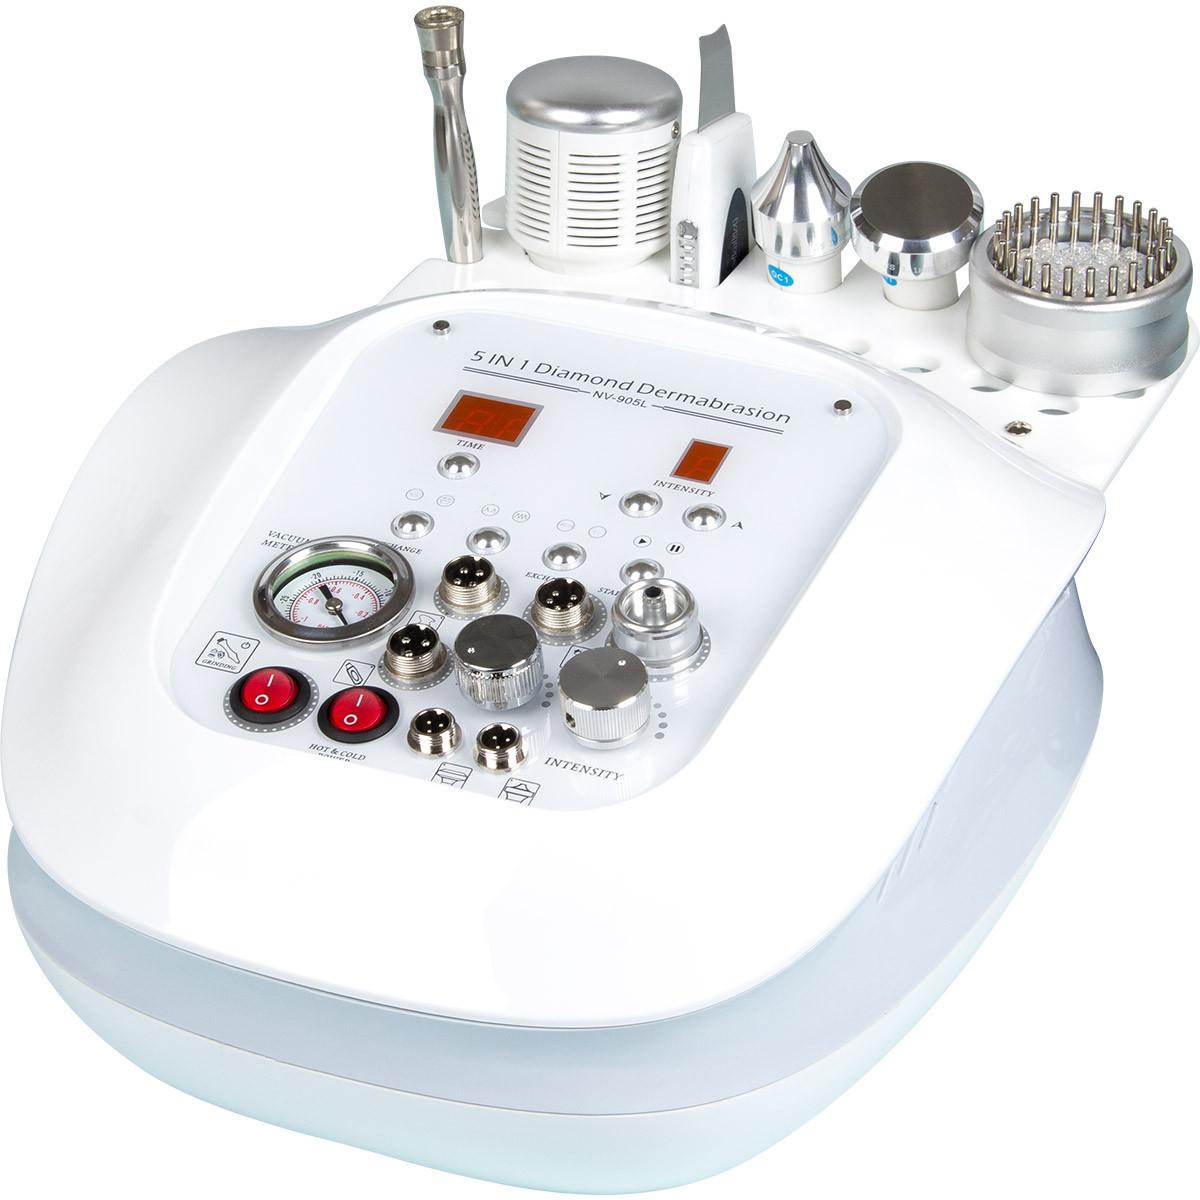 Косметологический аппарат 5 в 1, Nova 905L